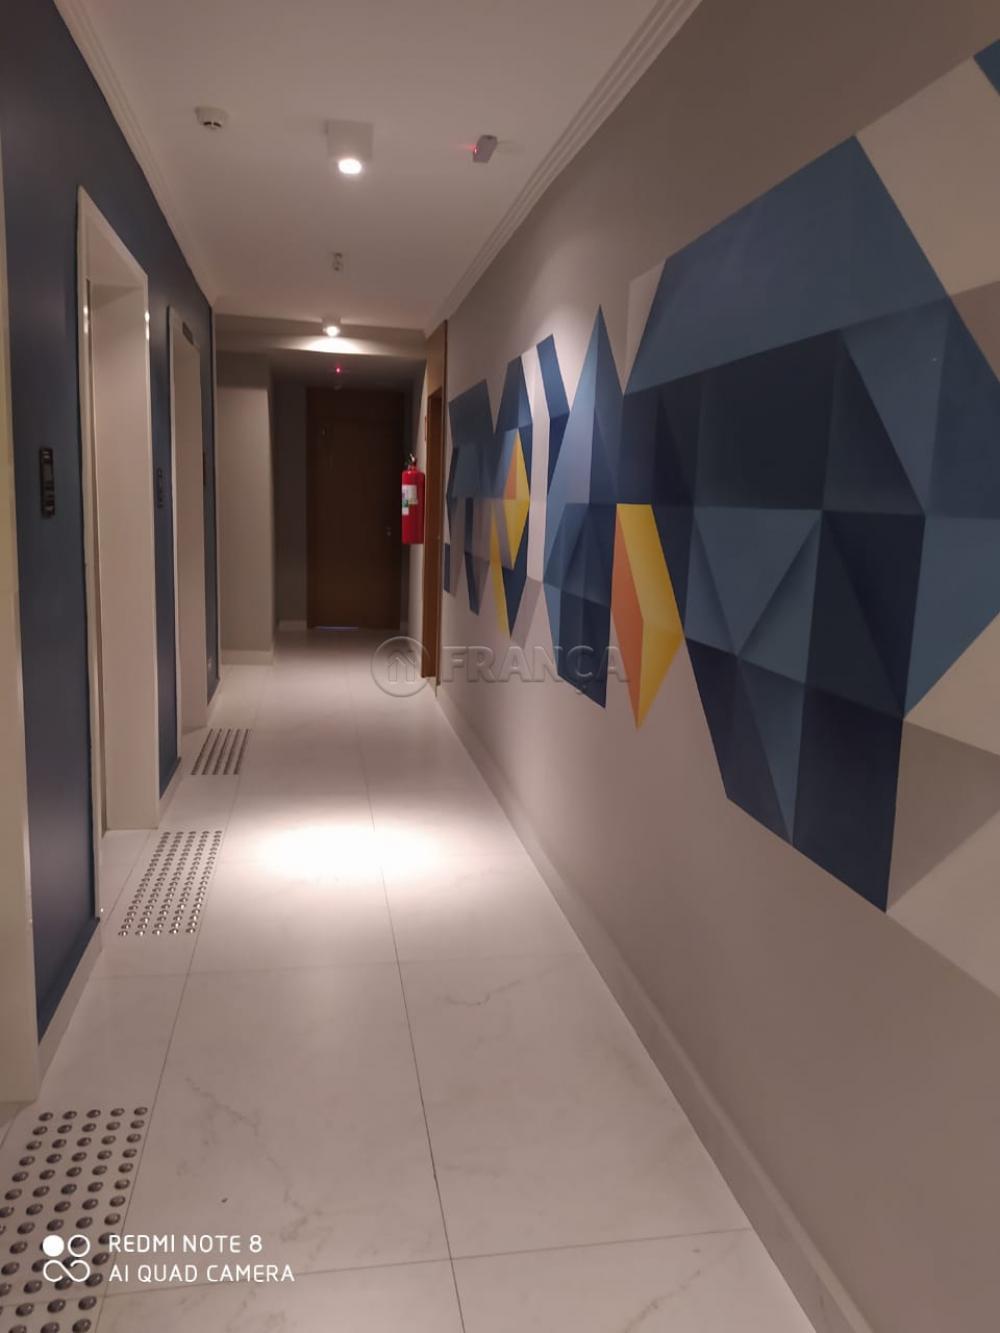 Alugar Apartamento / Flat em São José dos Campos apenas R$ 1.750,00 - Foto 9